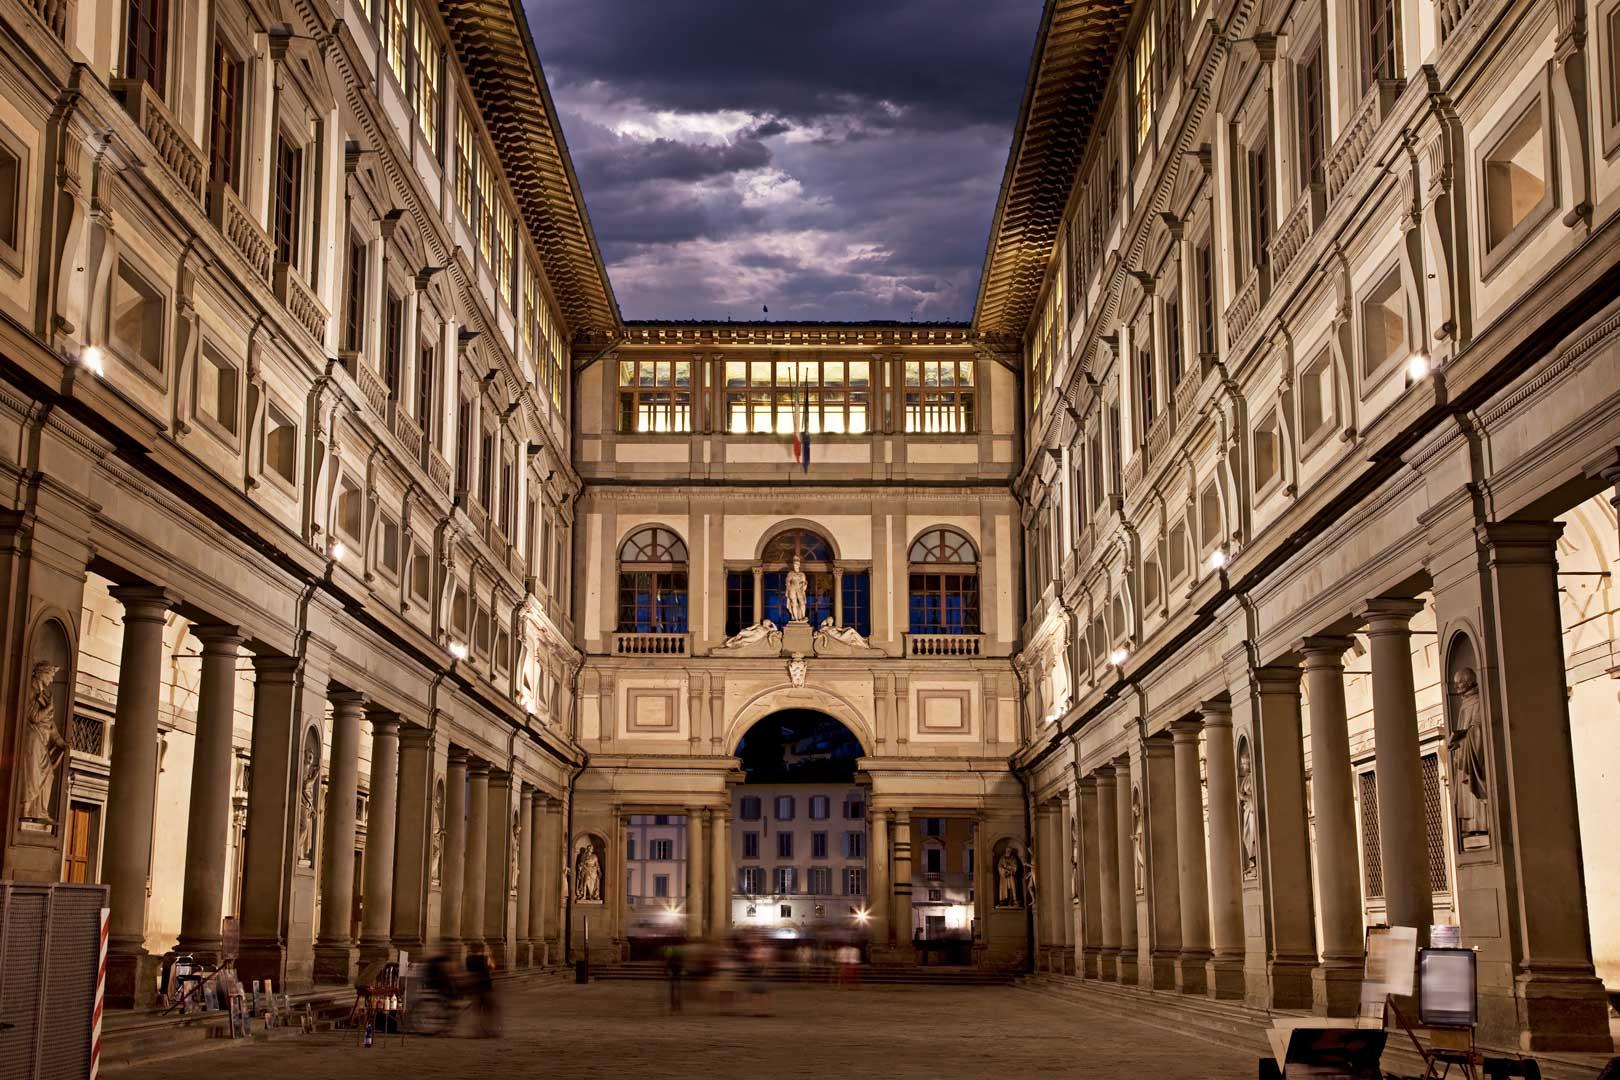 Photo of 'La Galleria degli Uffizi' in Firenze